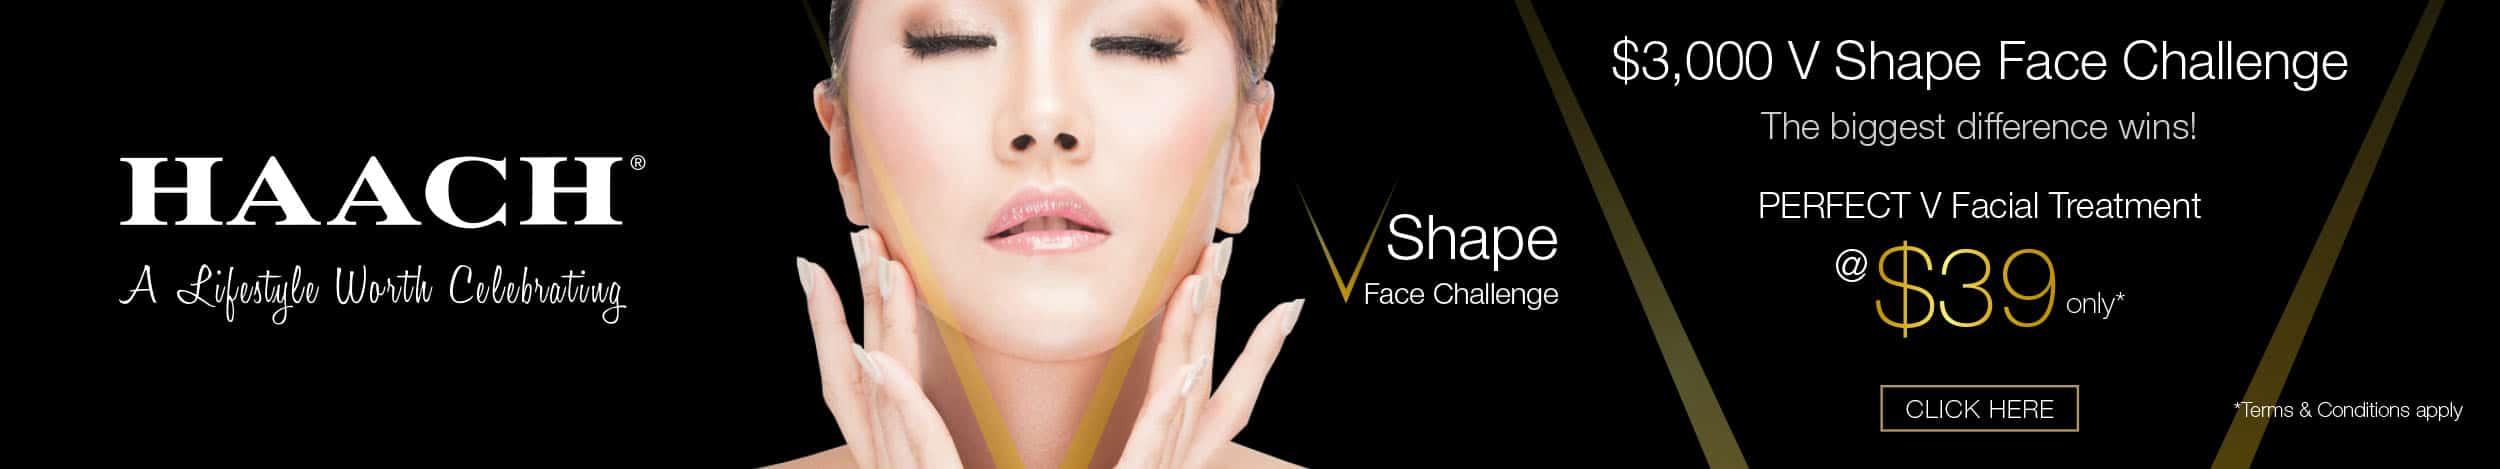 haach-v-shape-banner